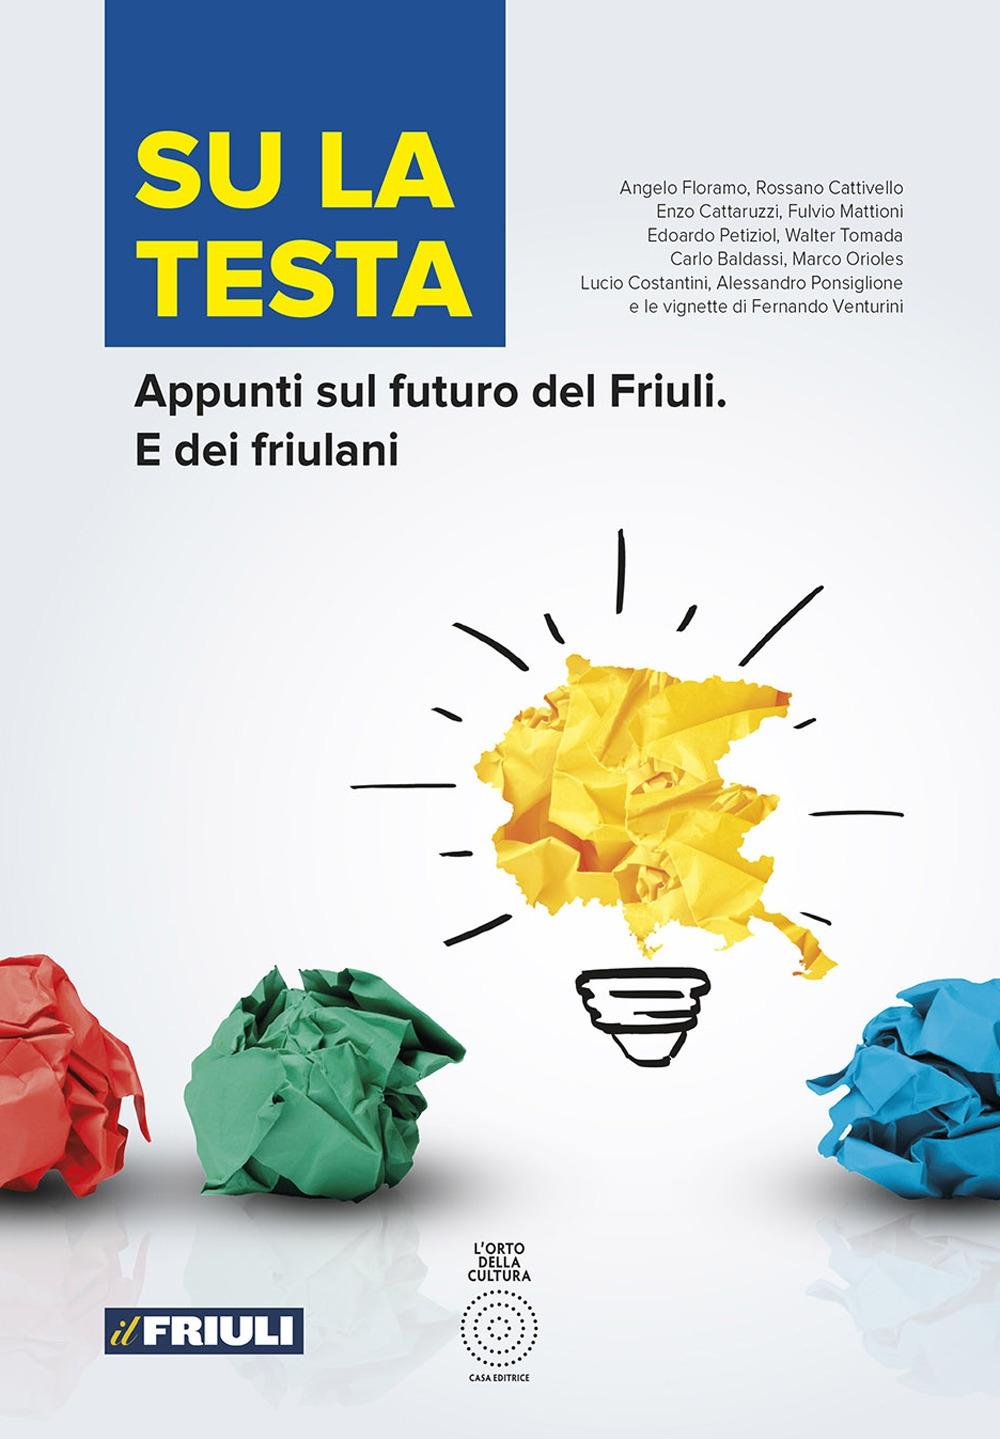 Su la testa. Appunti sul futuro del Friuli. E dei friulani